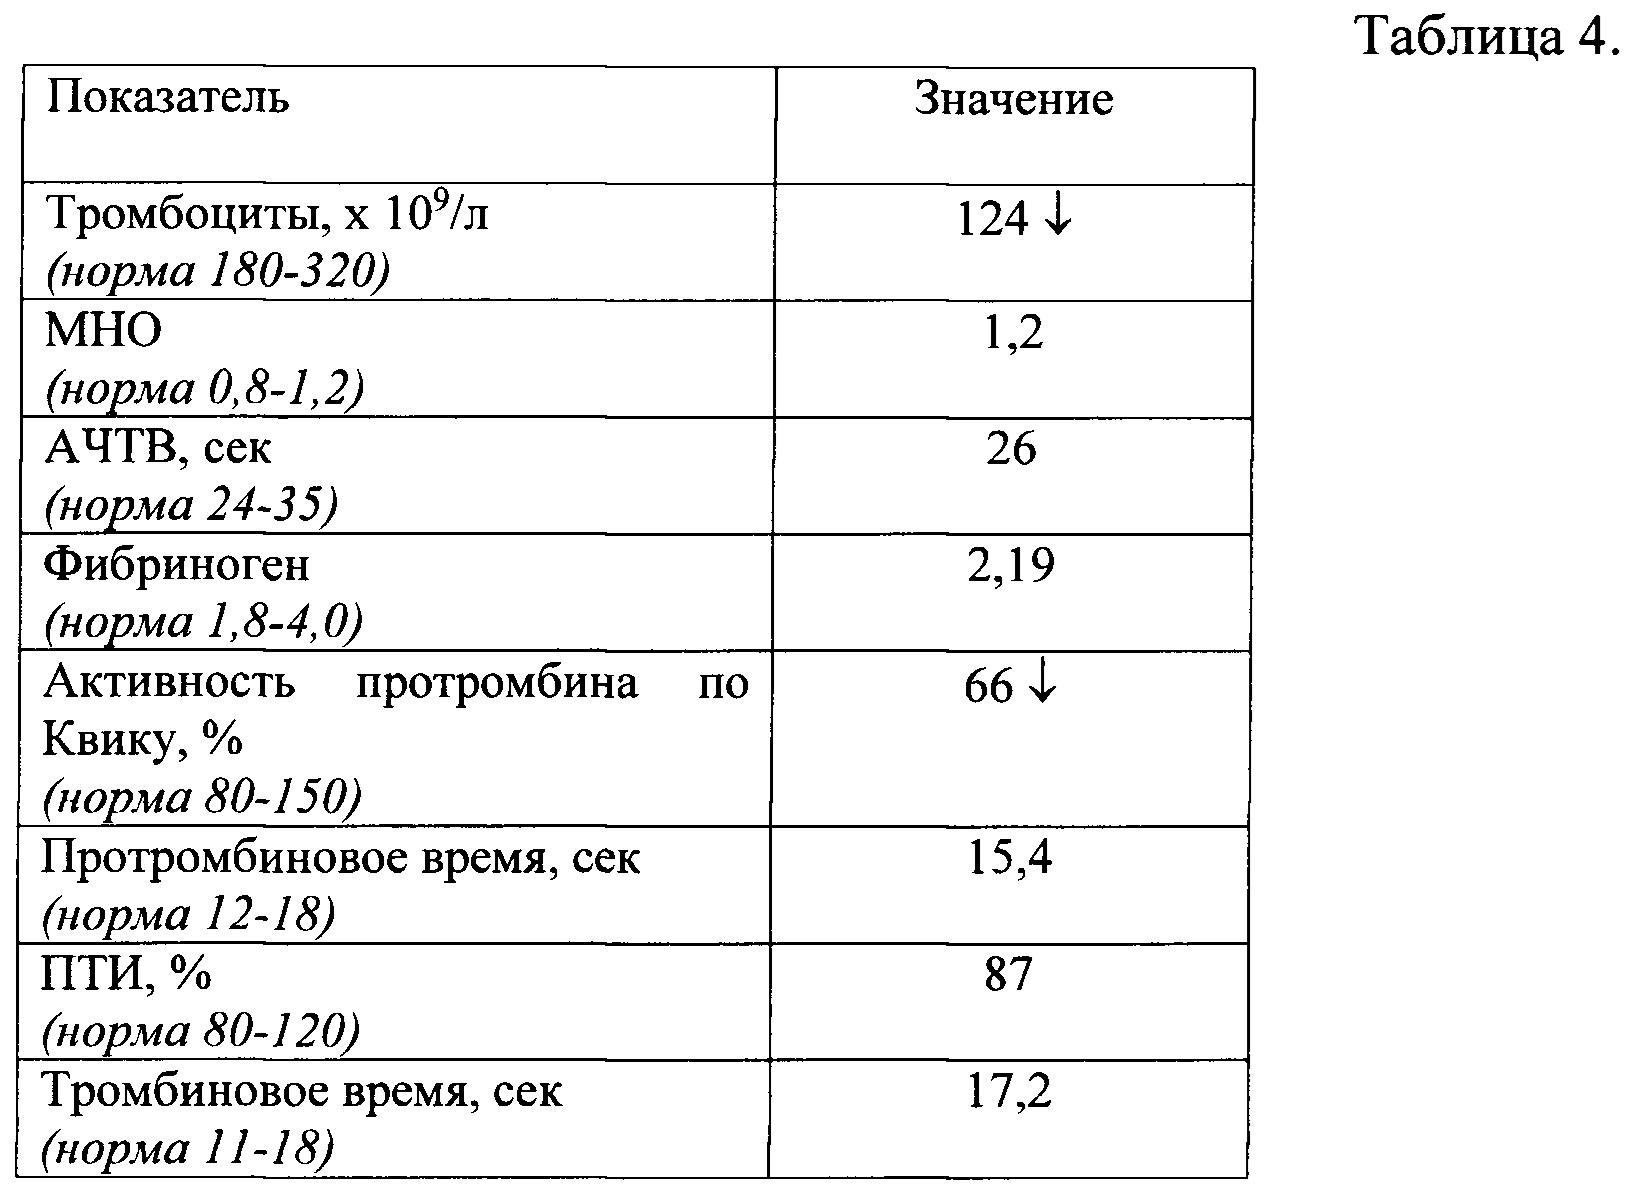 На мно анализа крови условия атеромы лечения народные ушей средства